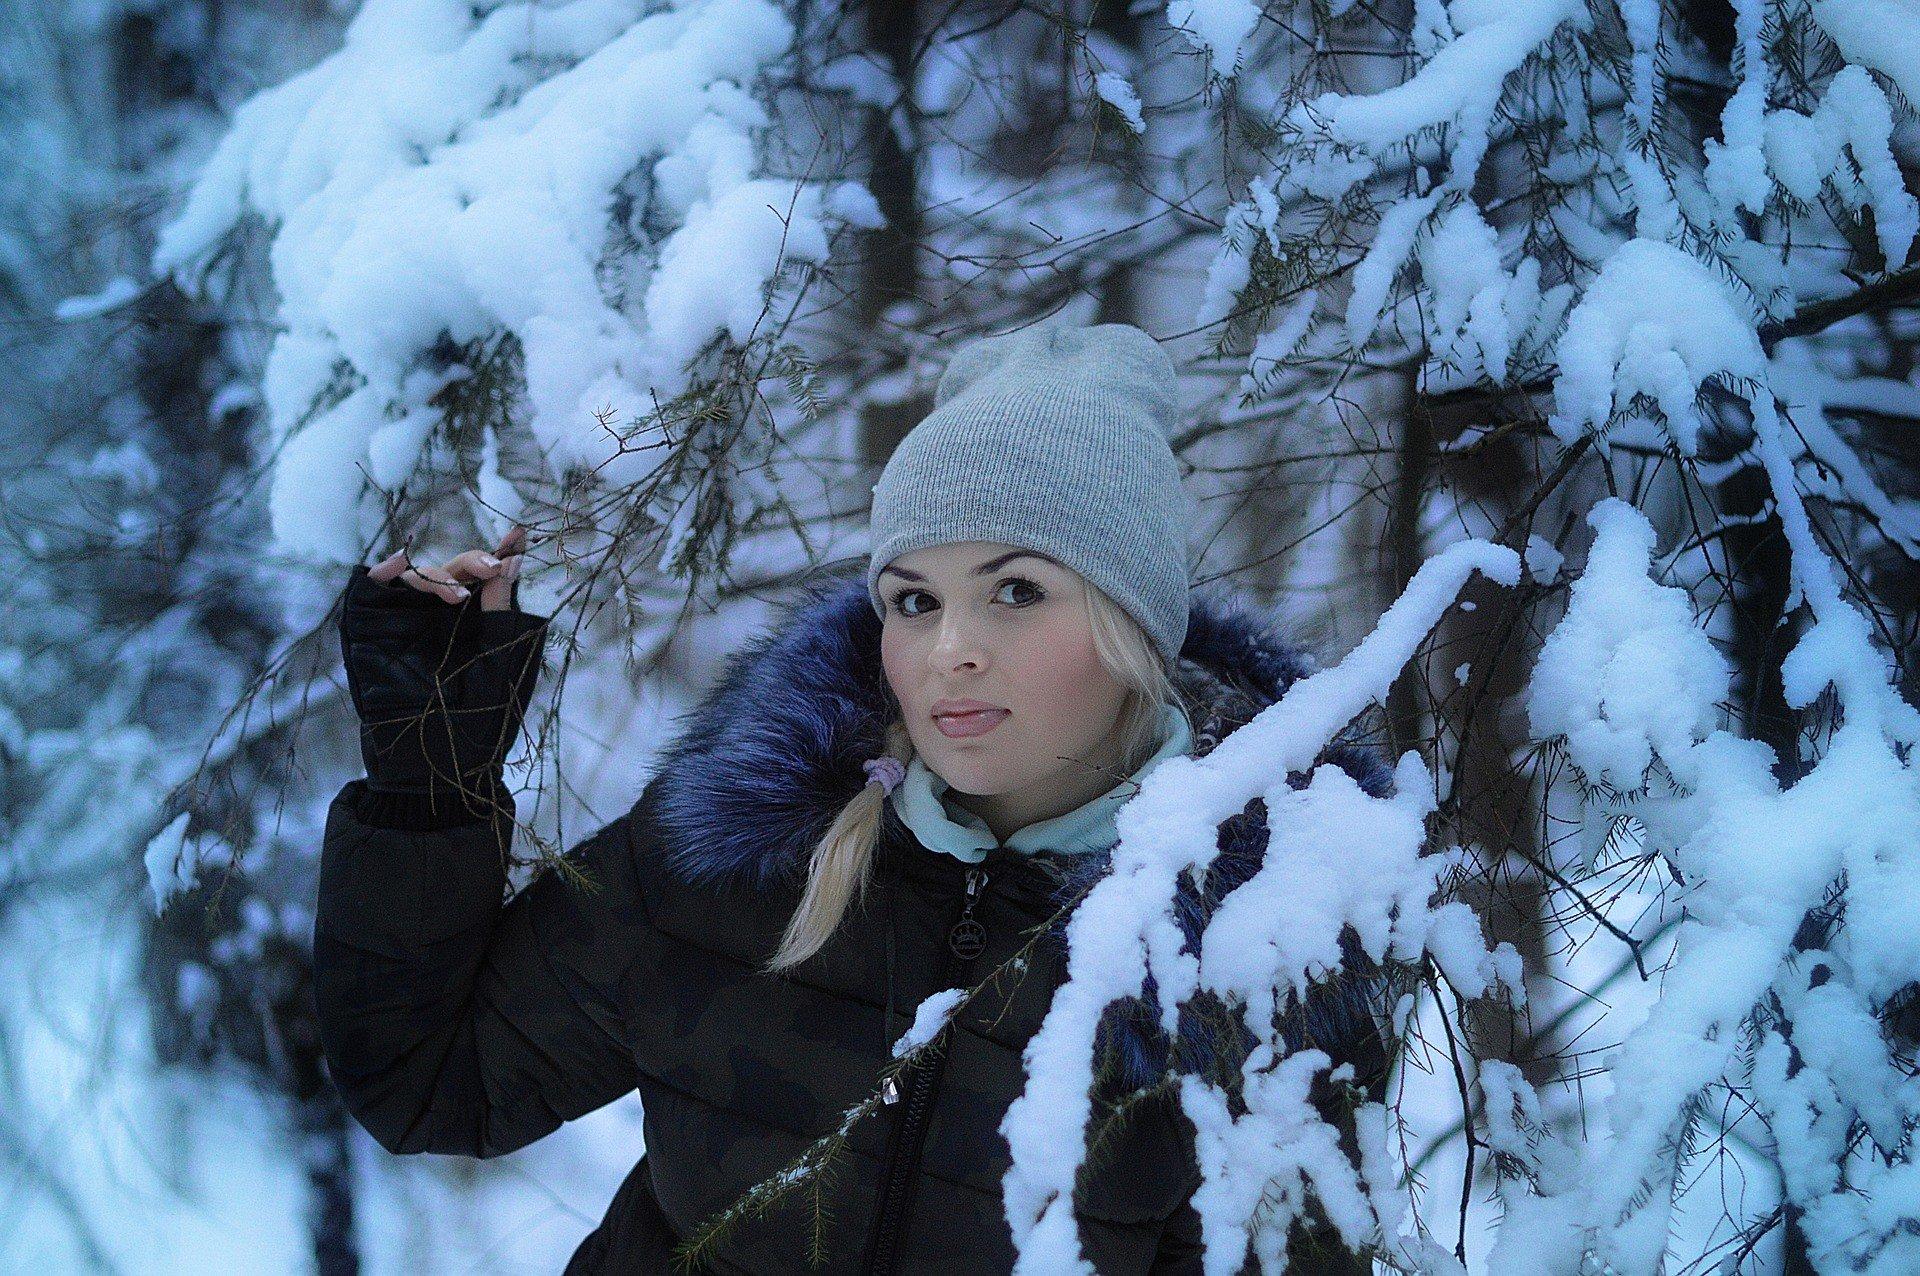 Прически под шапку: 5 стильных идей для зимы